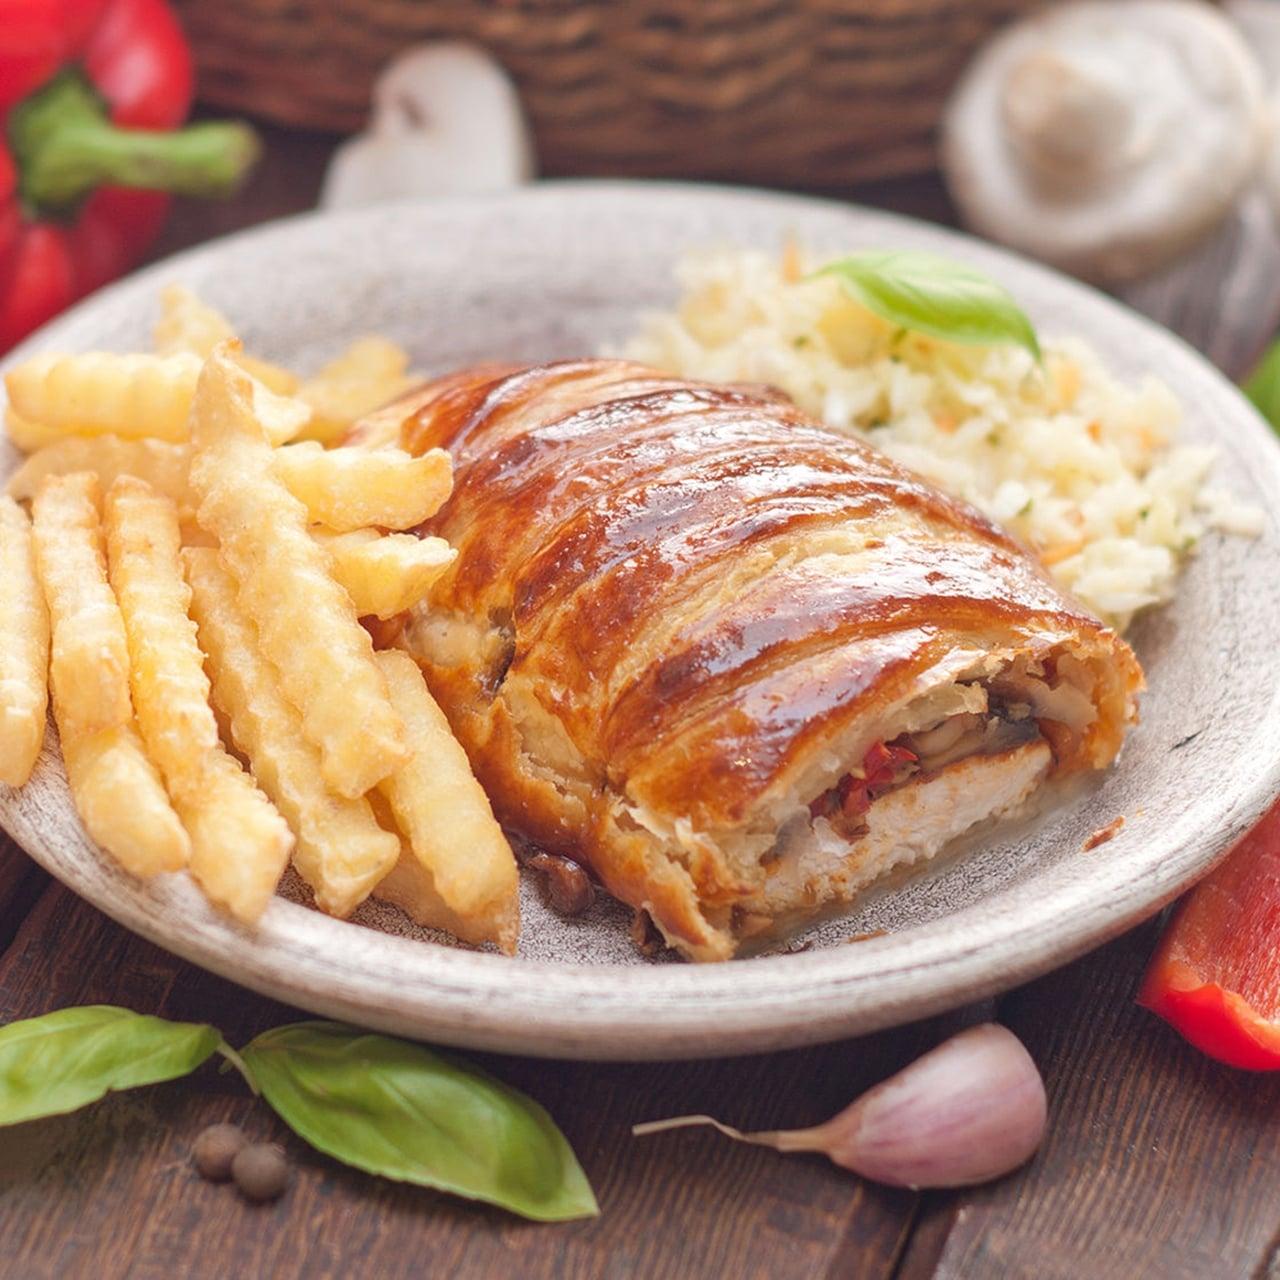 طريقة عمل صدور الدجاج في الخبز الفرنسي